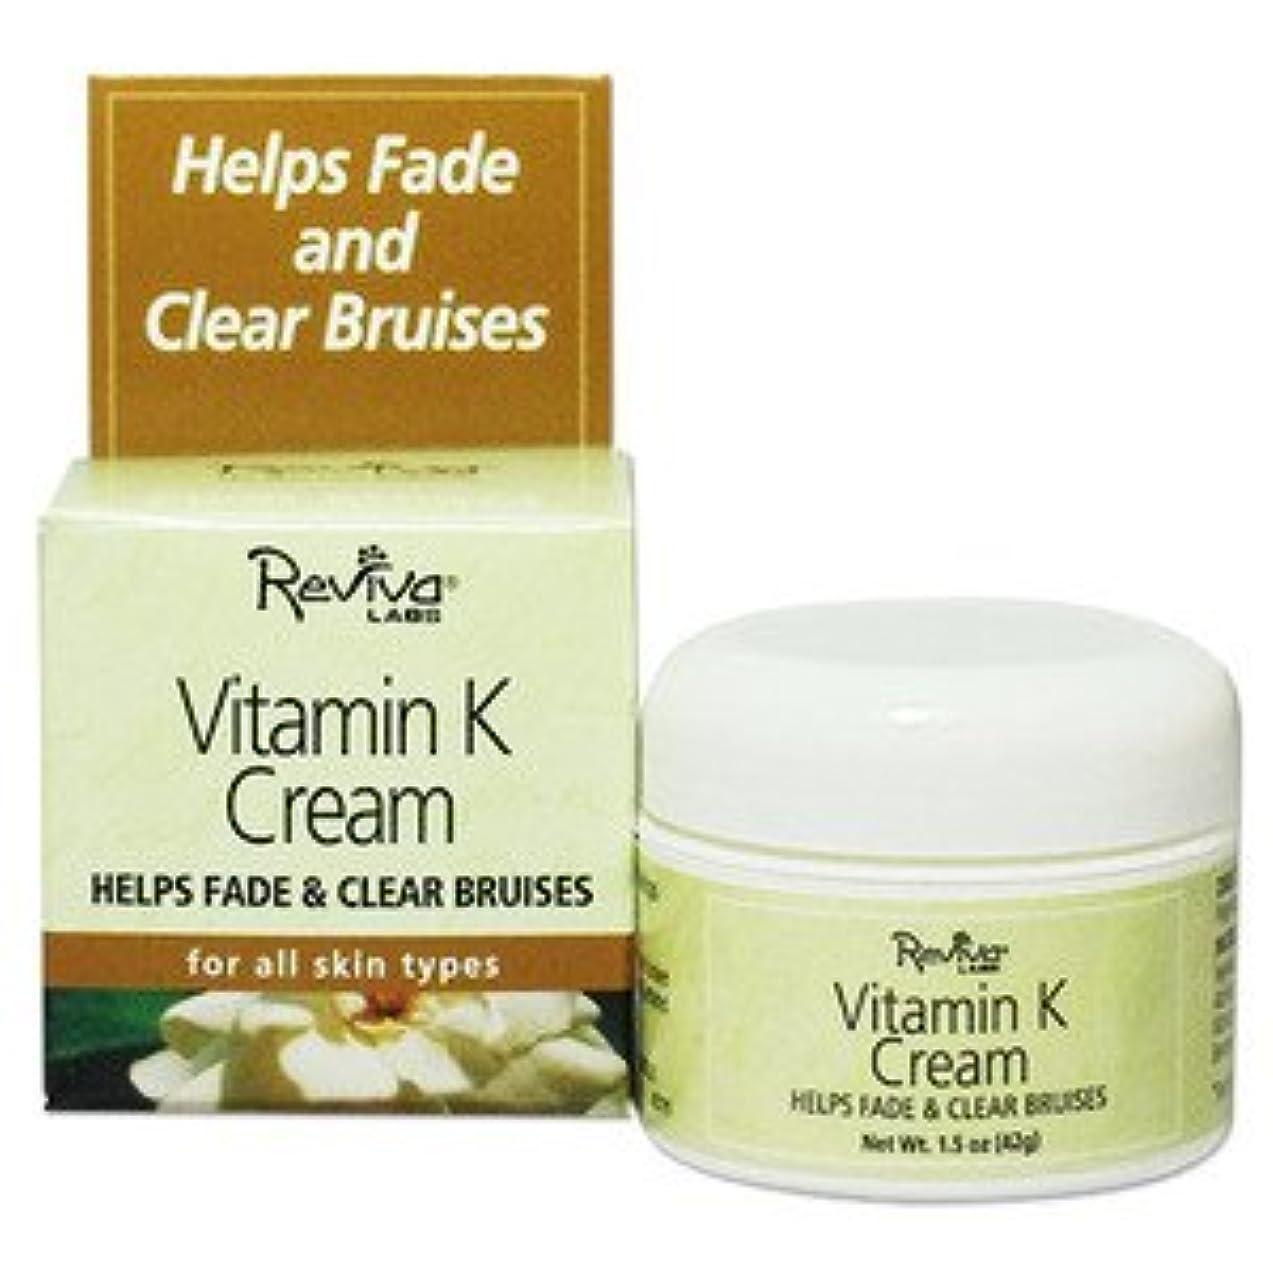 難民堂々たる極めて重要なReviva Labs レビバ社 Vitamin K Cream  (42 g)  ビタミンK クリーム 海外直送品